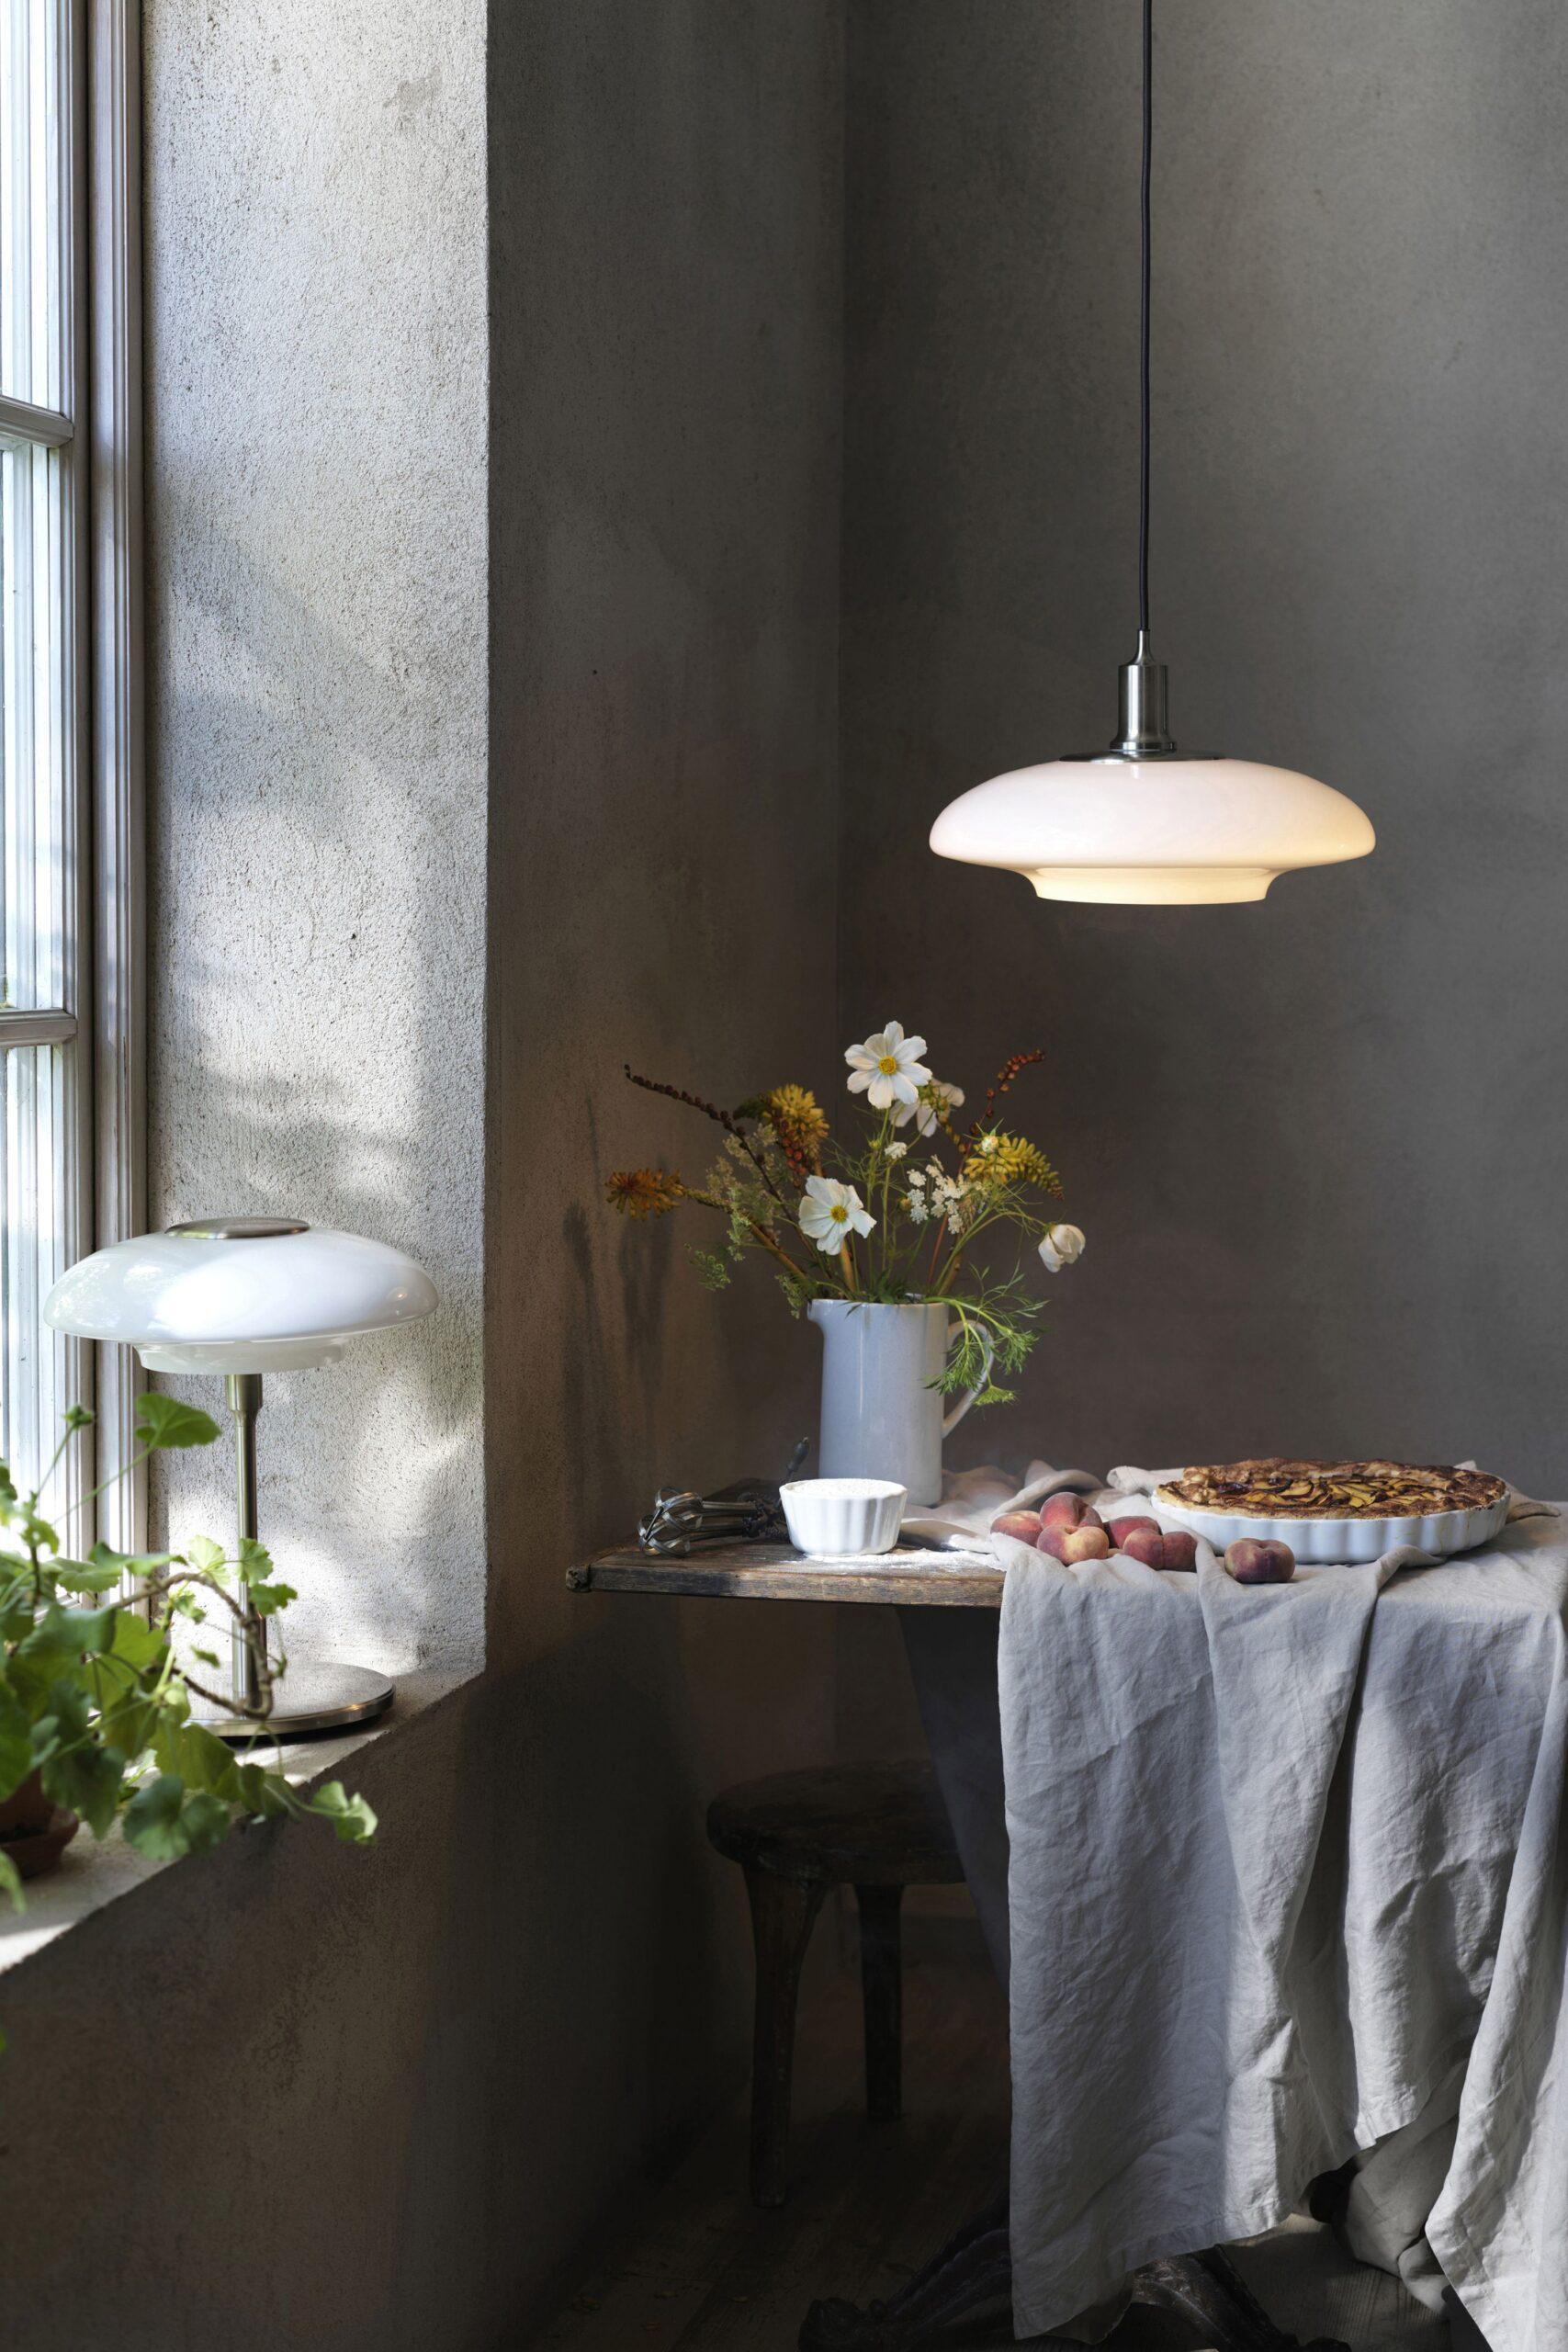 Full Size of Hängelampen Ikea Tllbyn Hngeleuchte Vernickelt Modulküche Betten 160x200 Küche Kosten Bei Kaufen Sofa Mit Schlaffunktion Miniküche Wohnzimmer Hängelampen Ikea